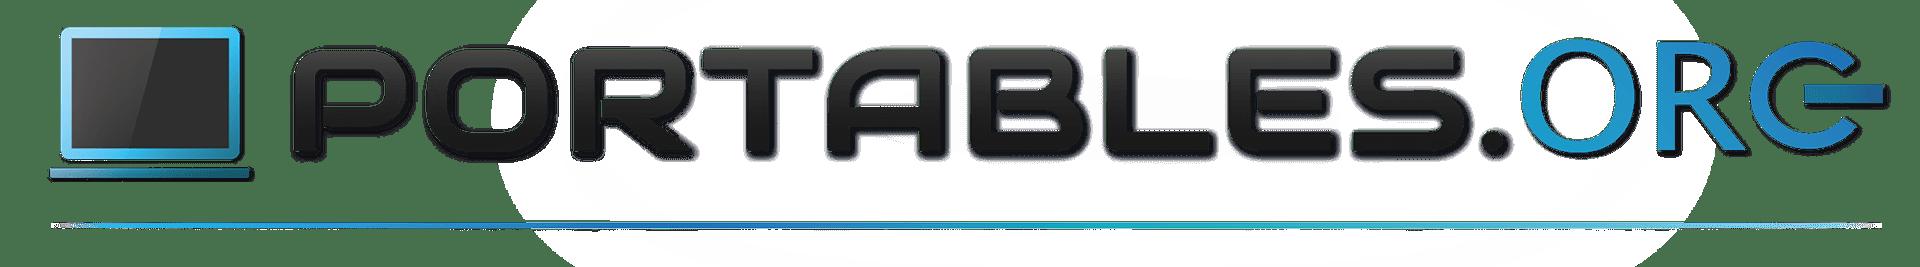 logo-portables-org-transparent-black-hd-min.png